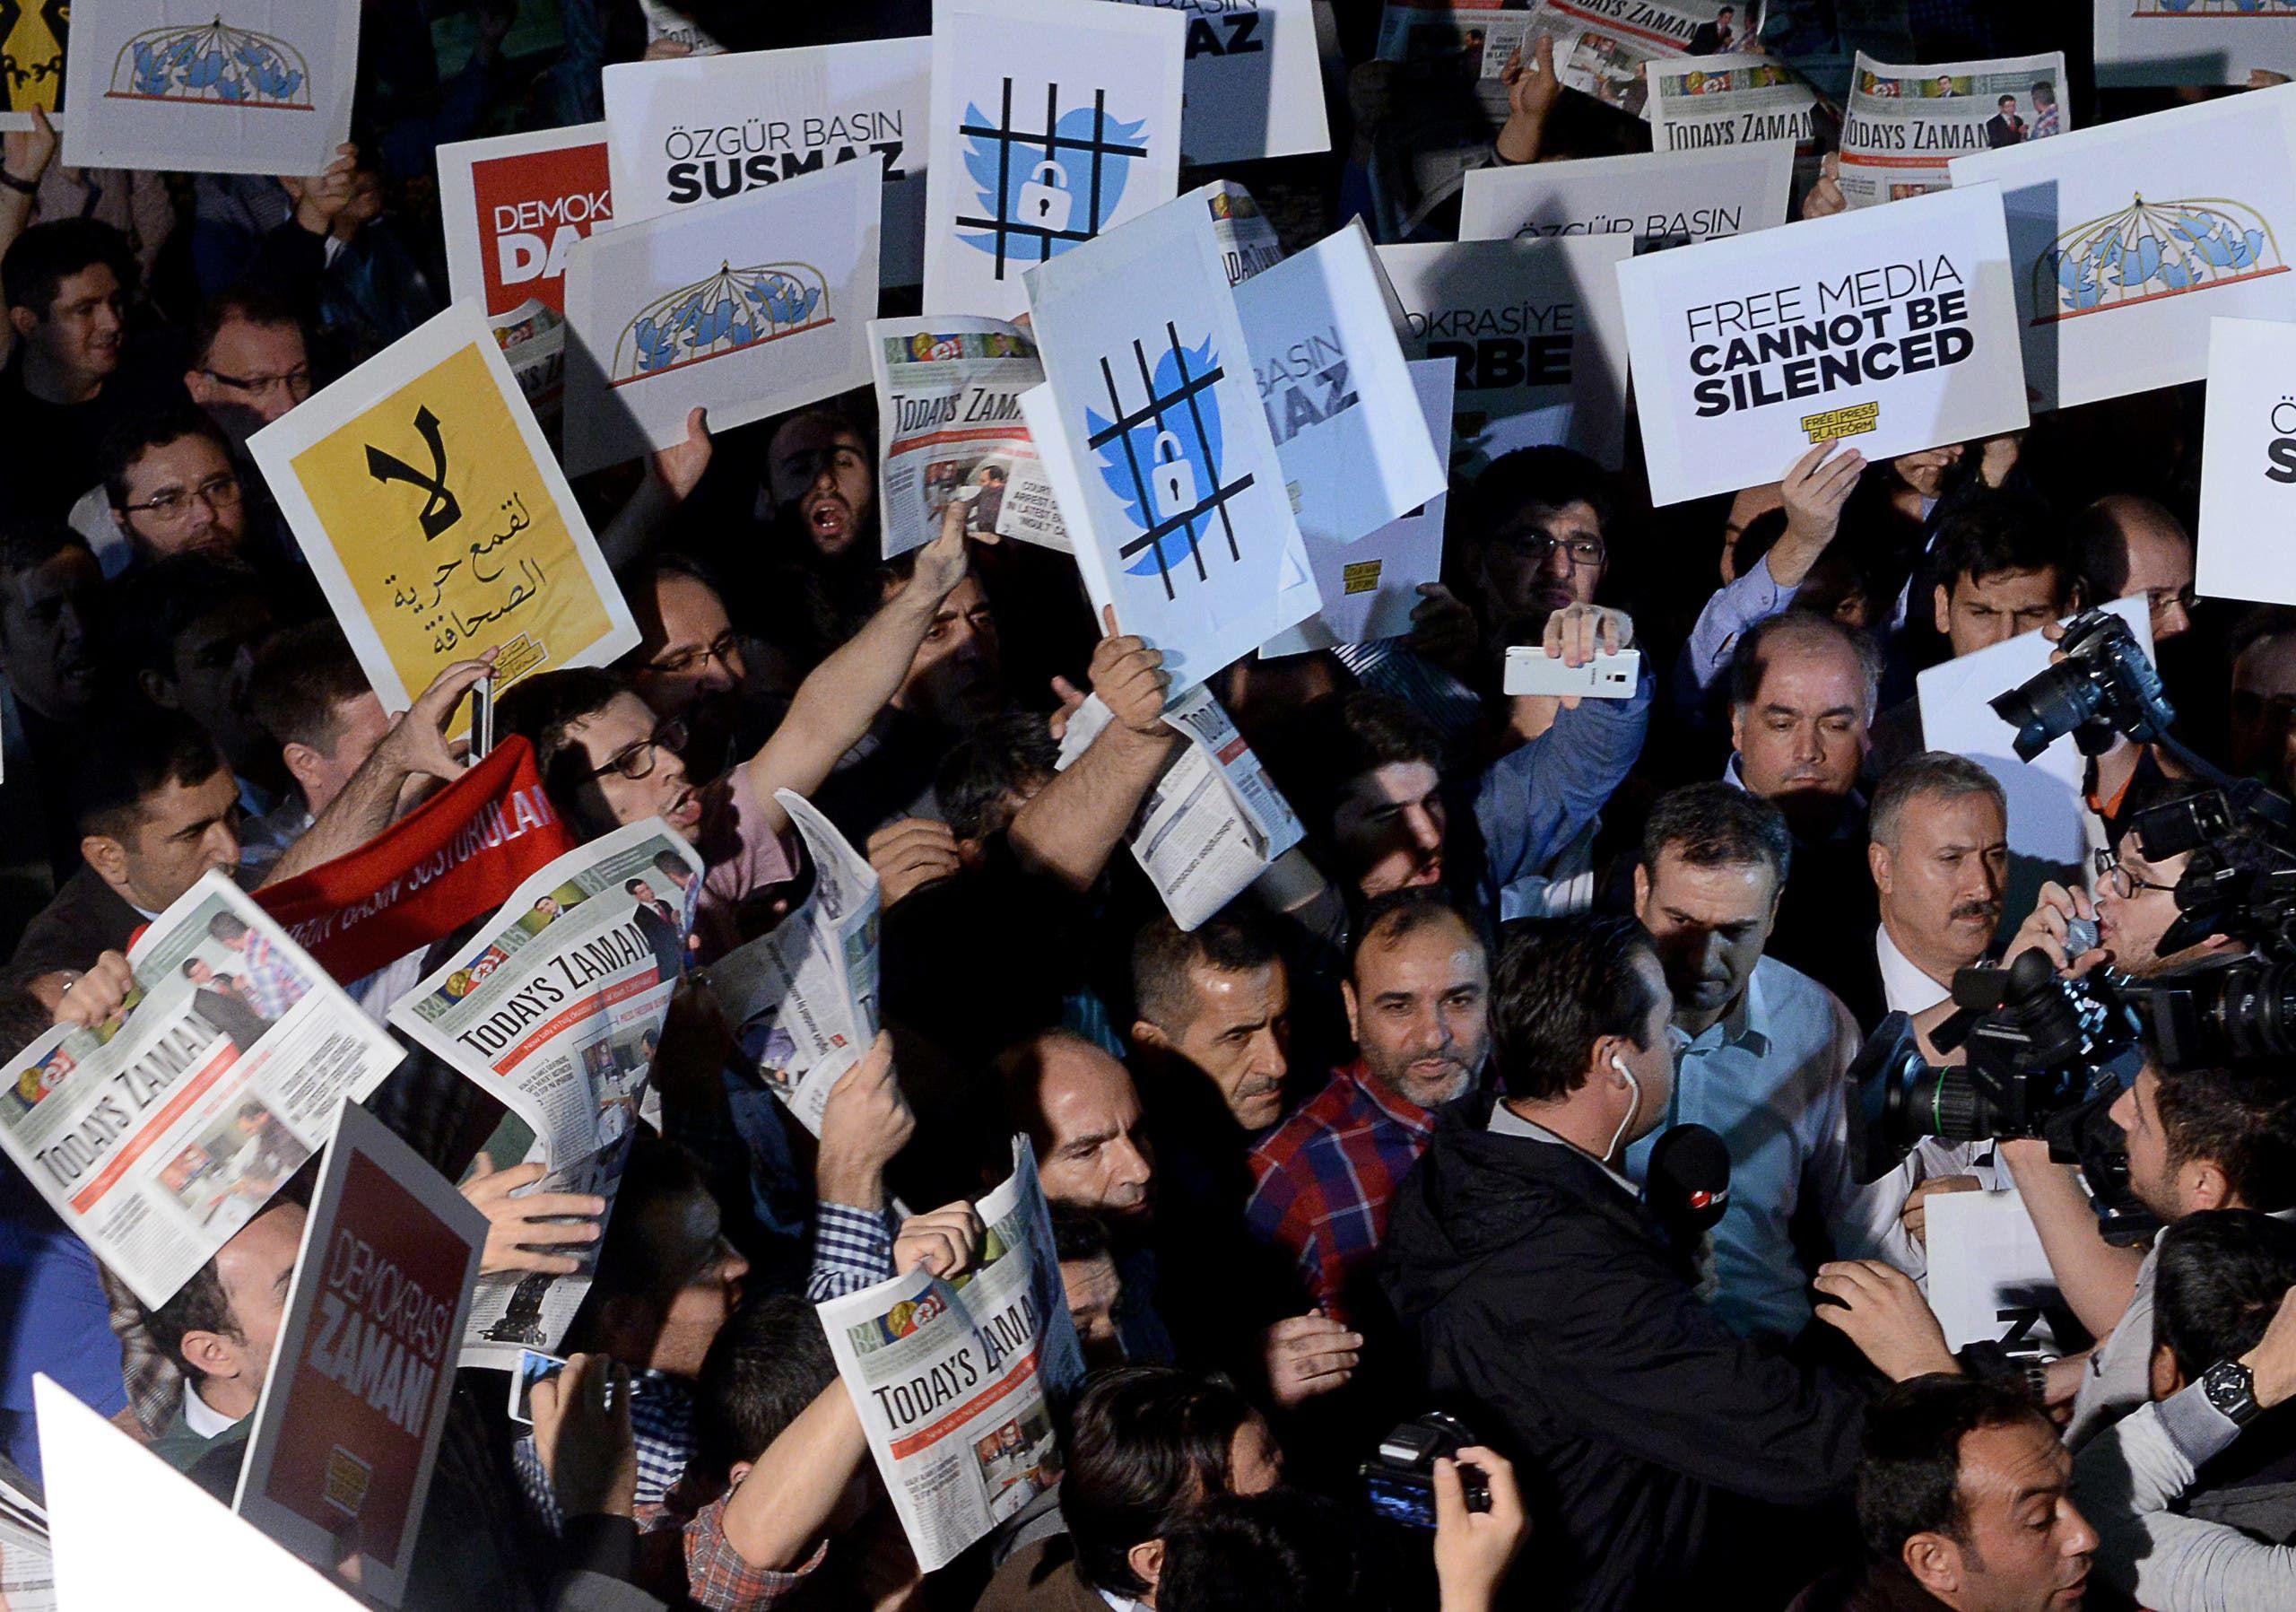 تظاهرات في تركيا تطالب بحرية للصحافة - أرشيفية